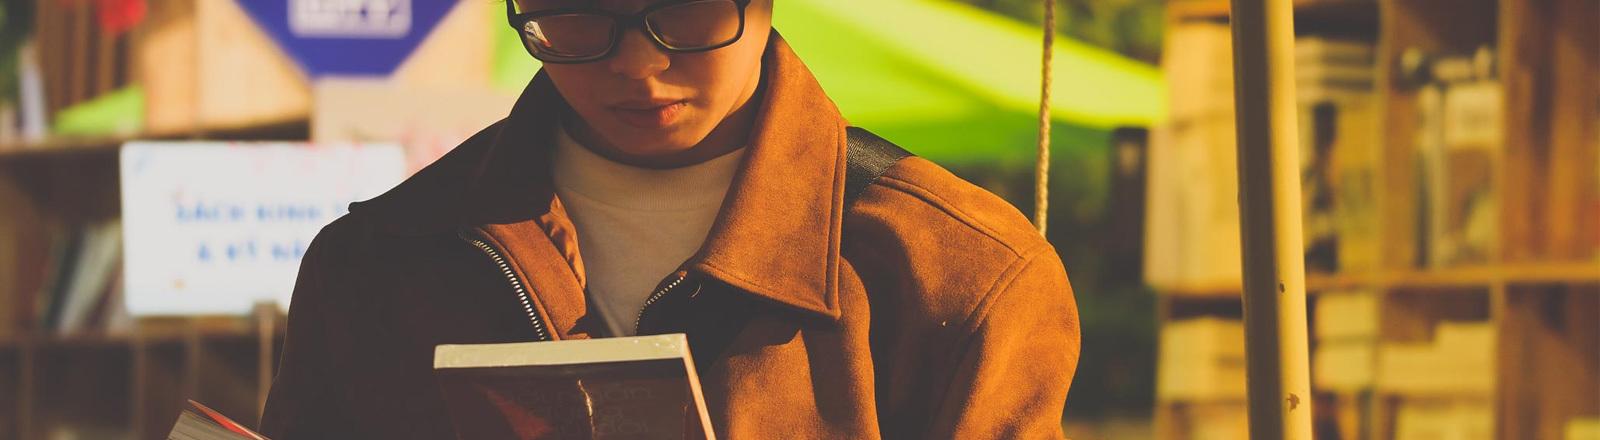 Ein junger Mann schaut auf ein Buch.